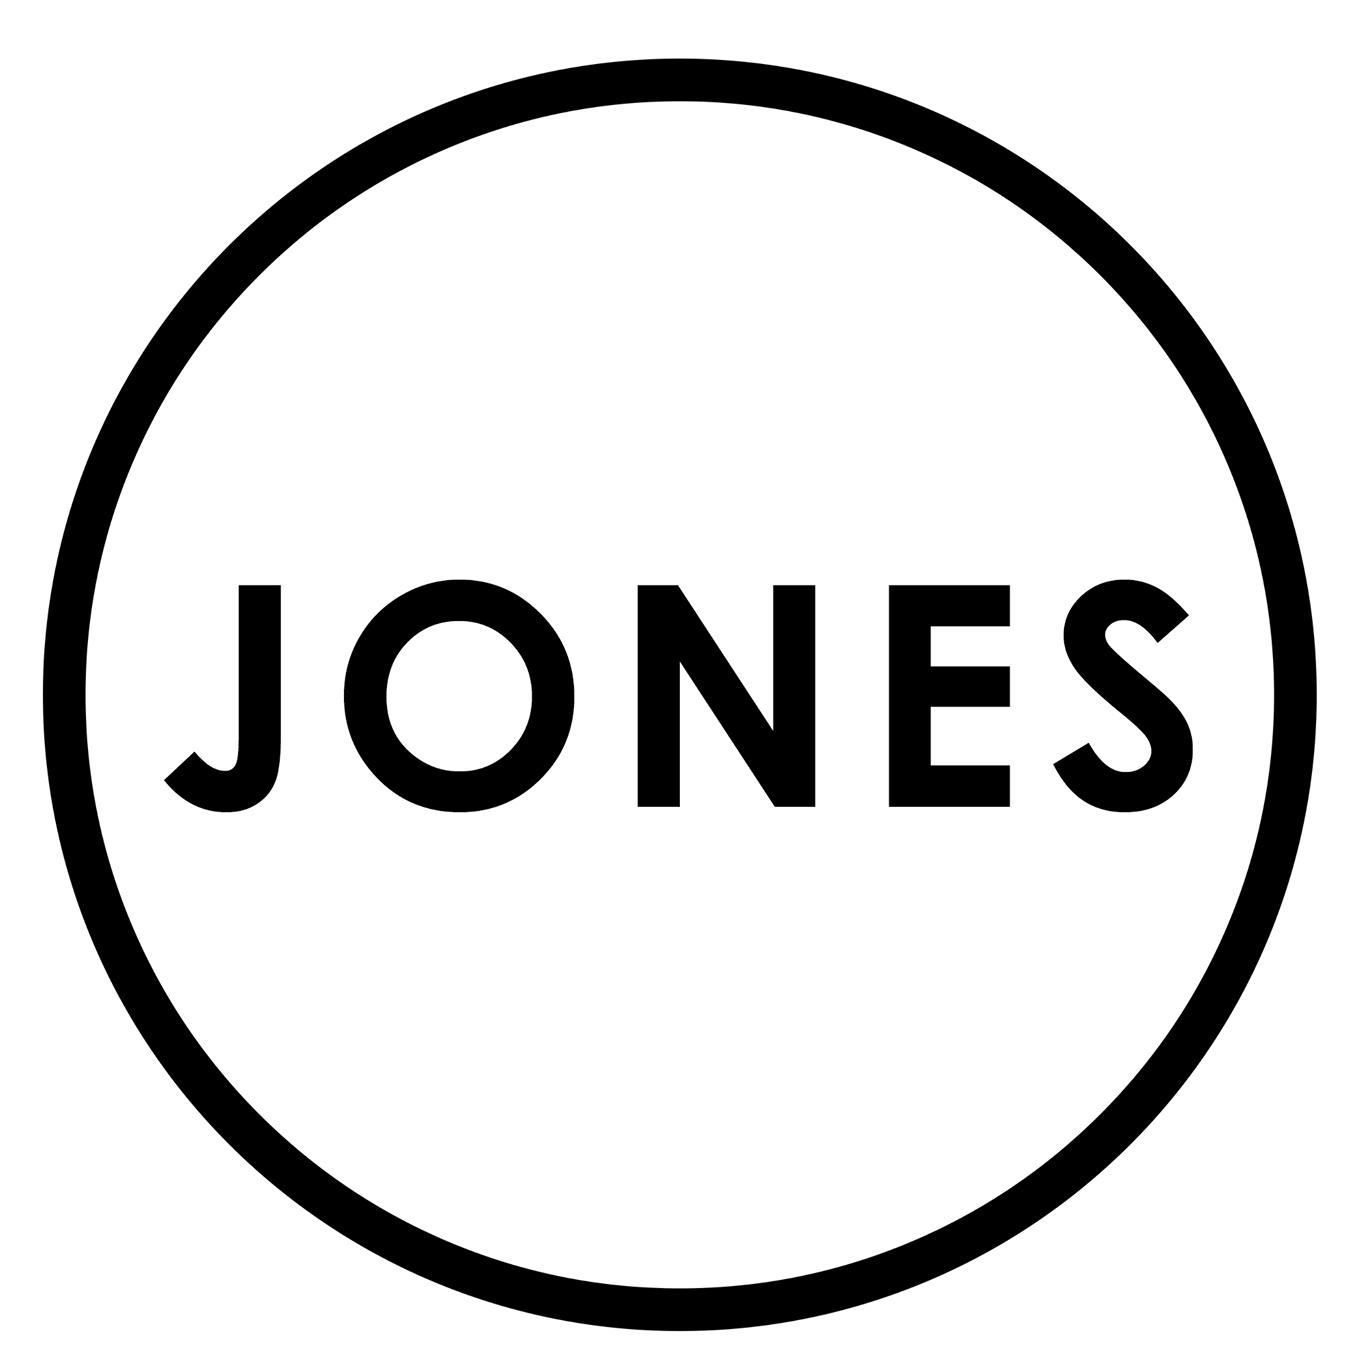 Jones Social & PR Logo